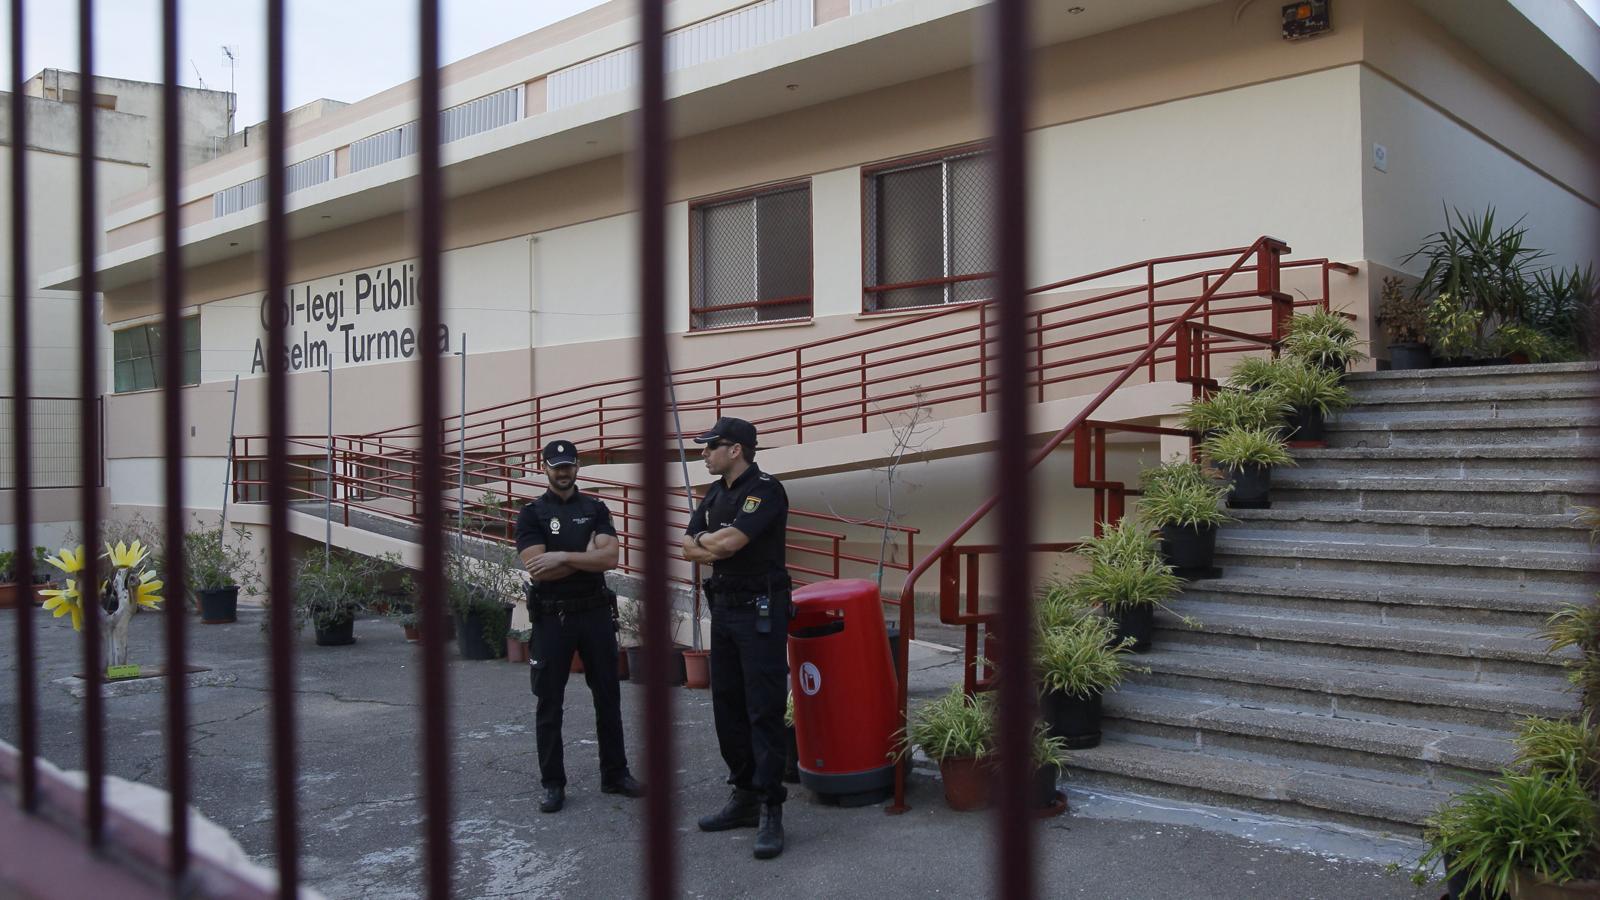 Escola pública Anselm Turmeda, on va tenir lloc l'agressió. / ISAAC BUJ